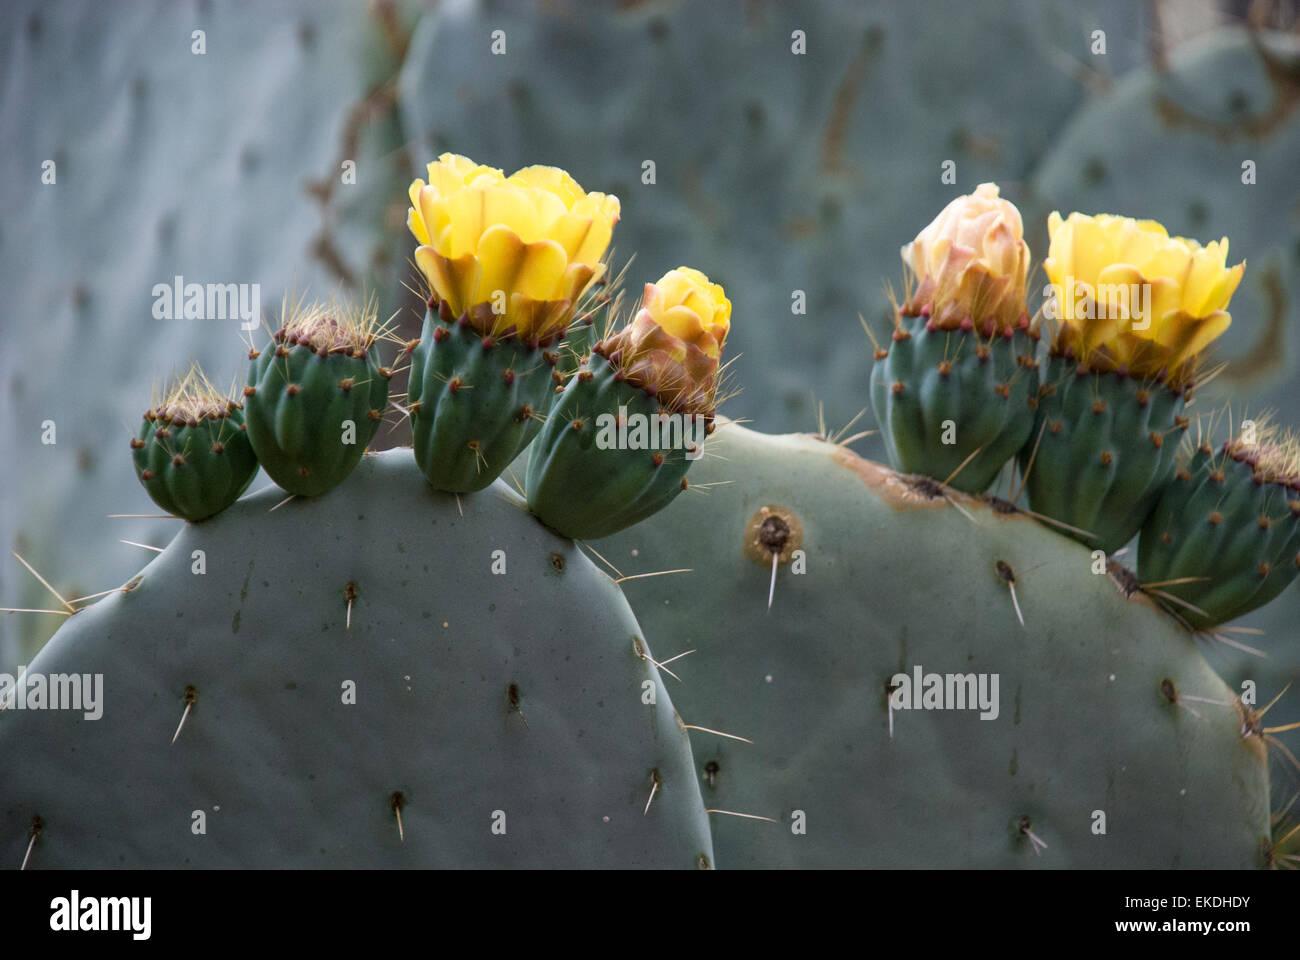 Feigenkaktus, Opuntia, mit gelben Blüten. Stockbild